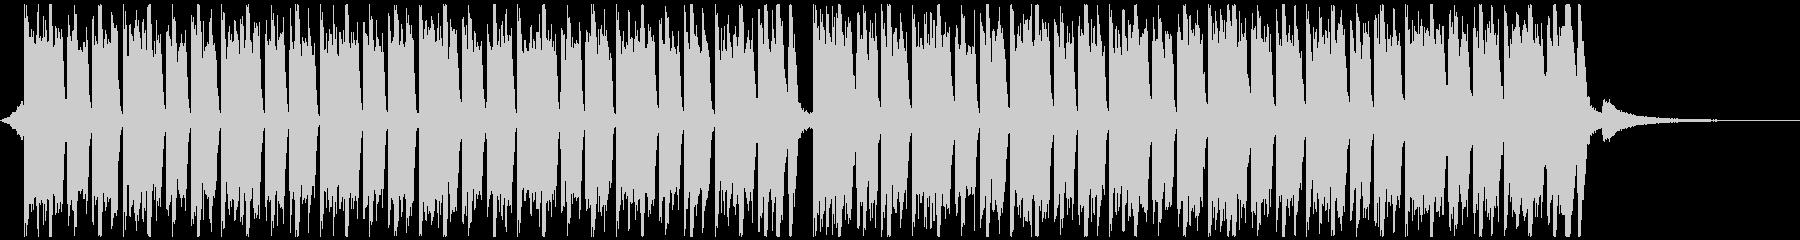 スポーツ音楽(40秒)の未再生の波形